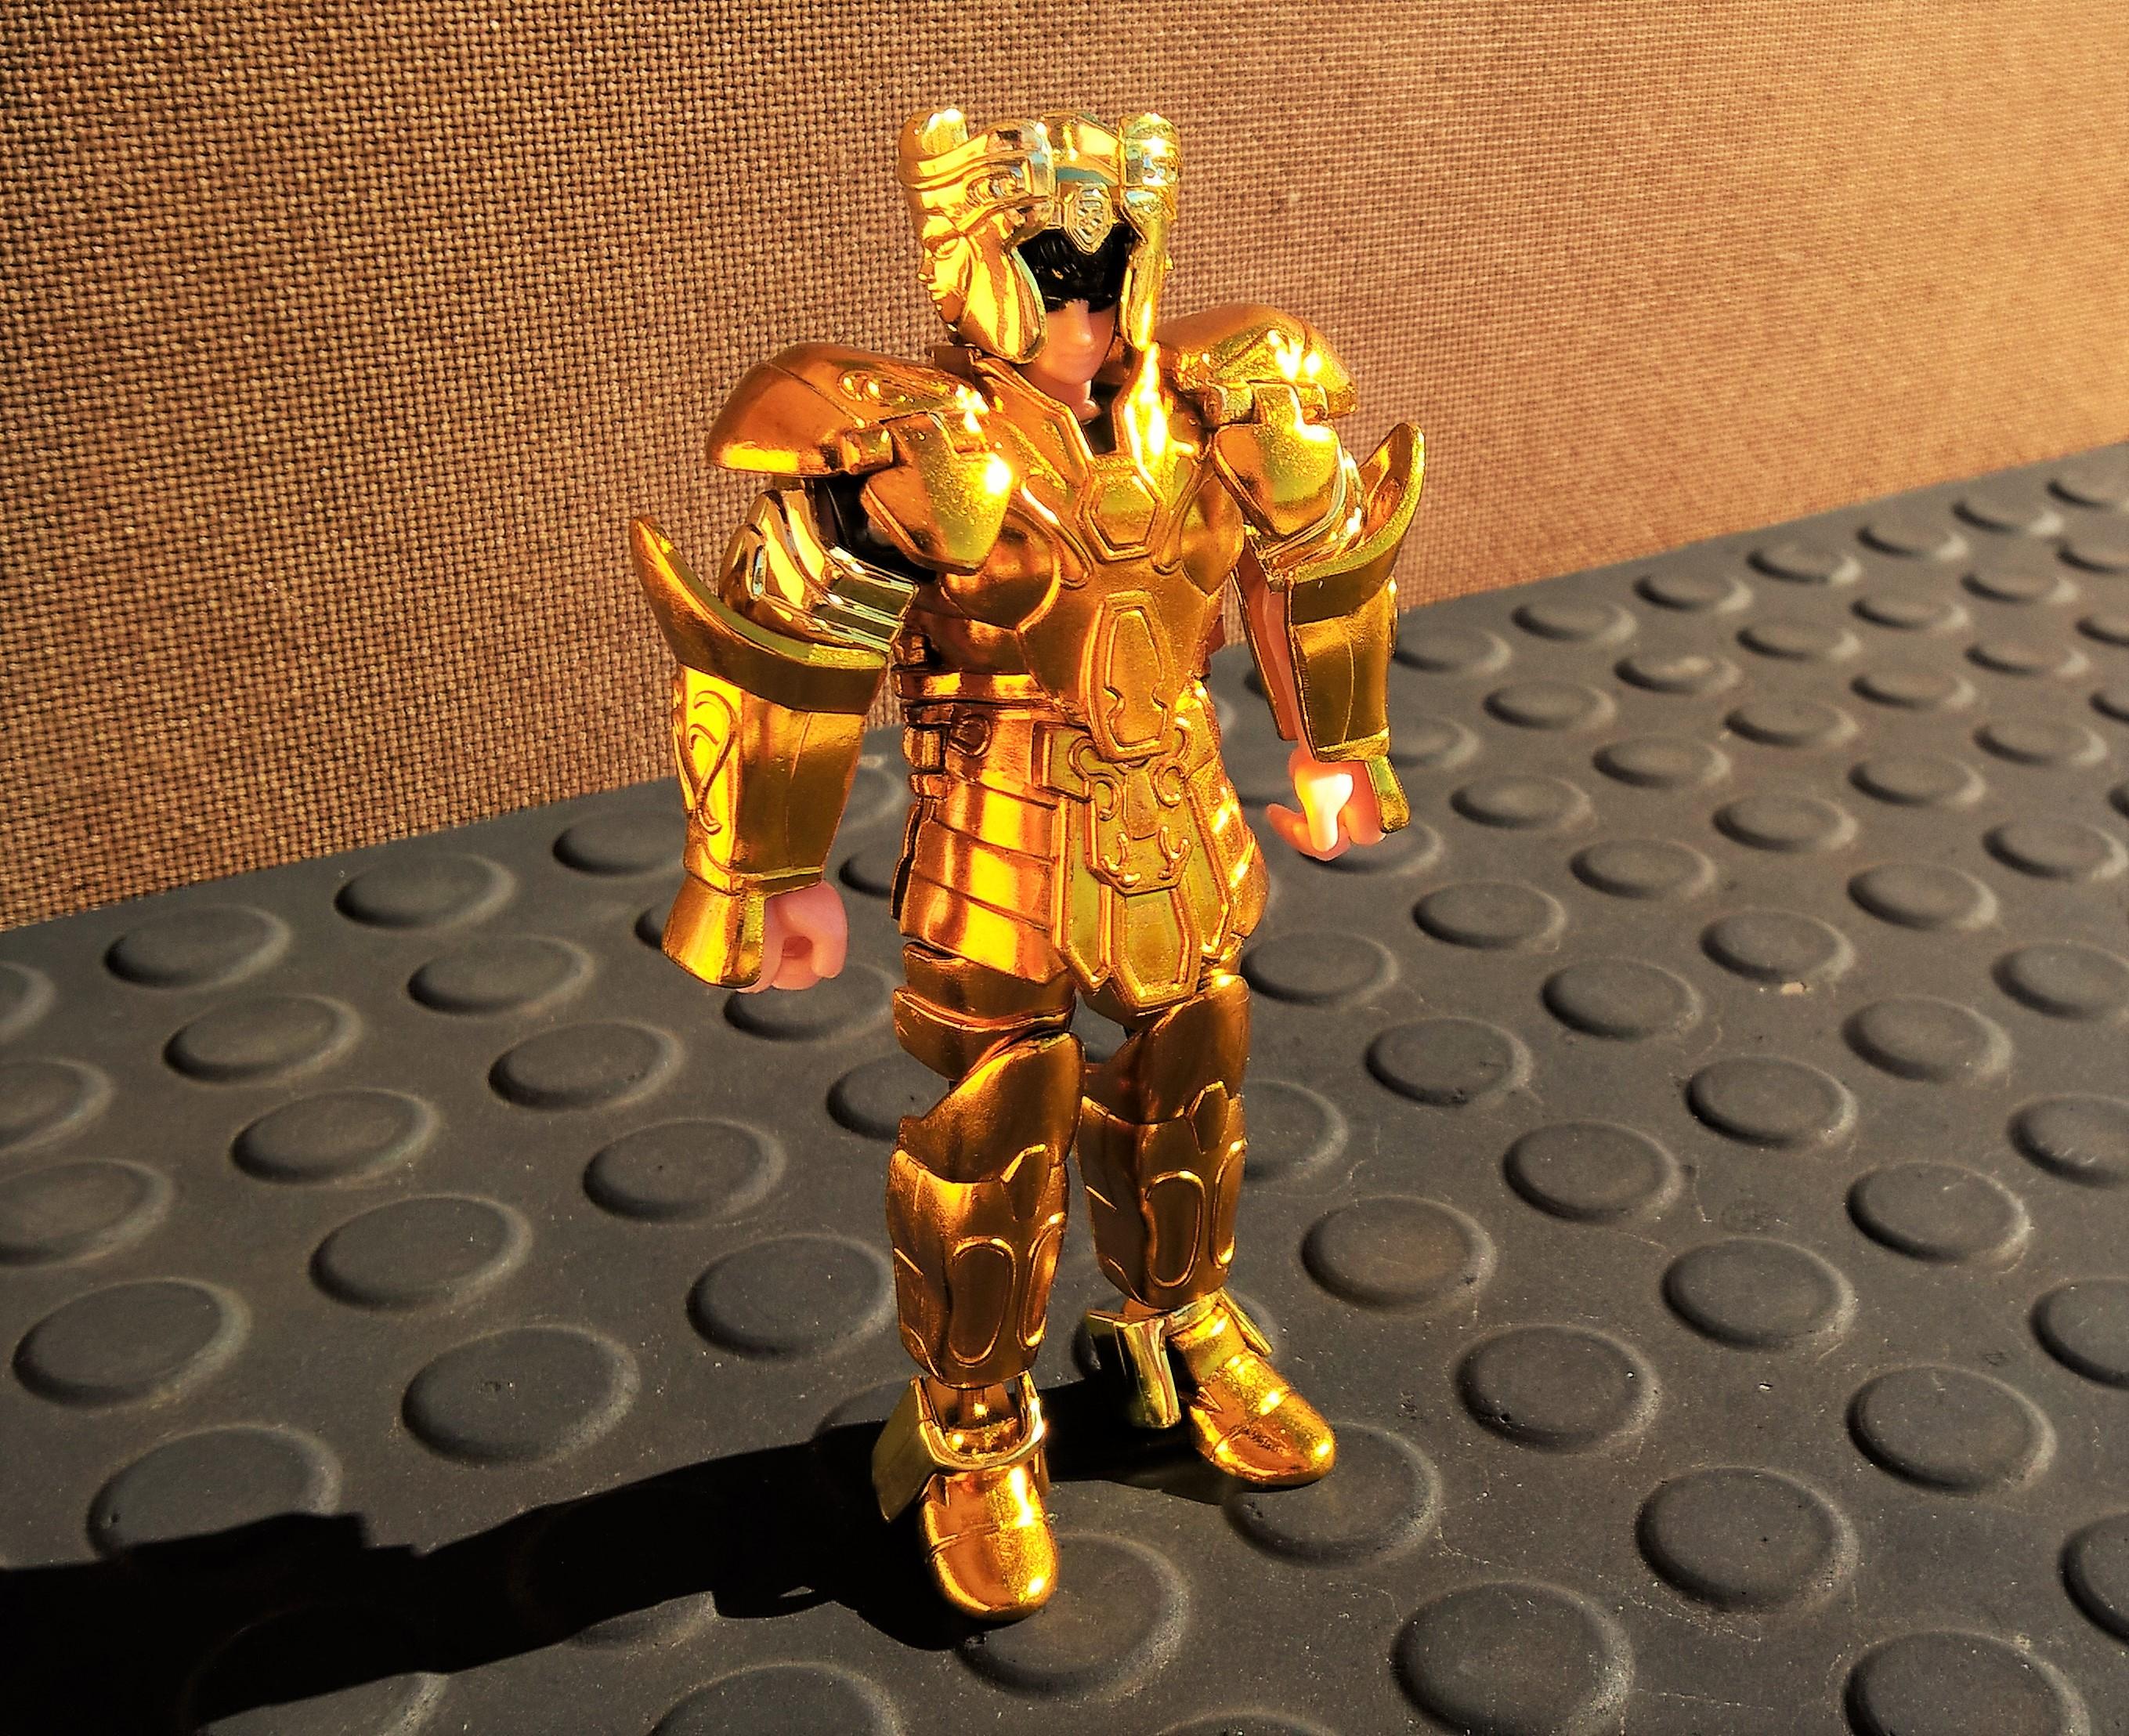 Cavaleiro de Ouro Saga de Gêmeos da coleção de 2003. O tom dourado dos bonecos desta edição destoa dos de 1987